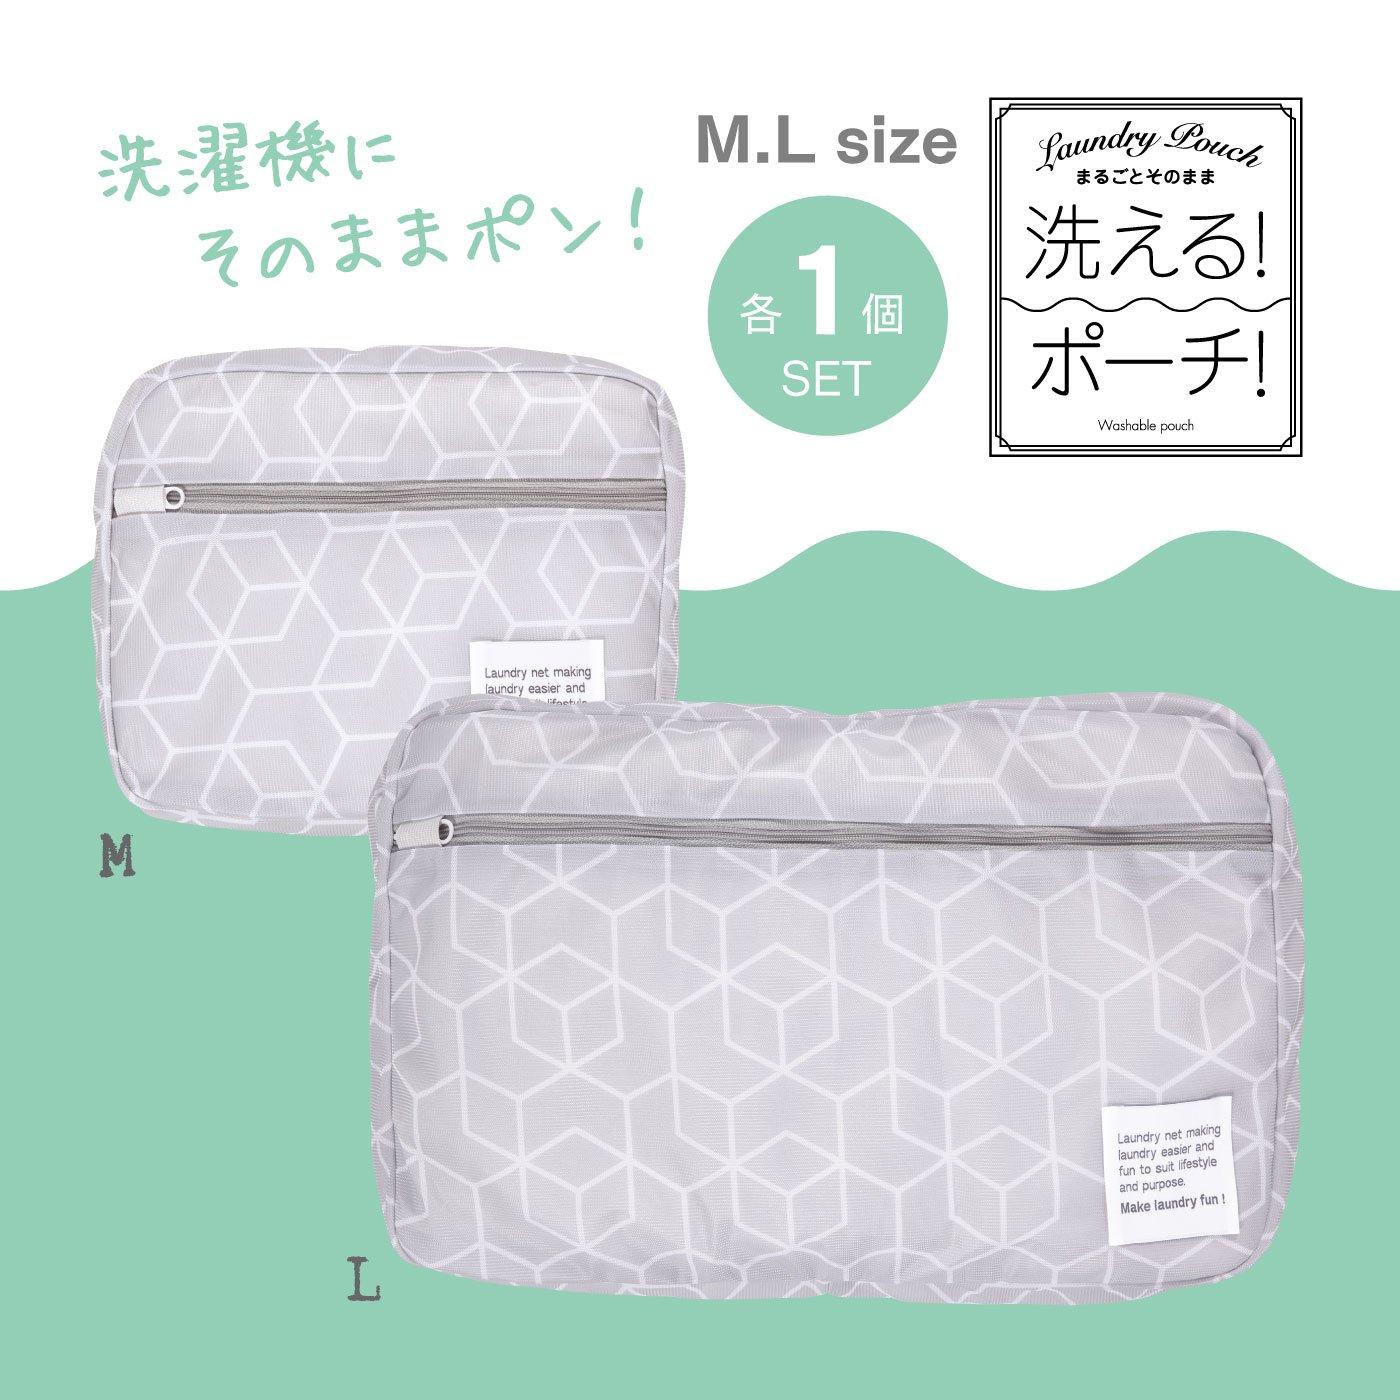 スーツケースにすっぽり収まる 洗えるランドリーポーチM・L各1個セット